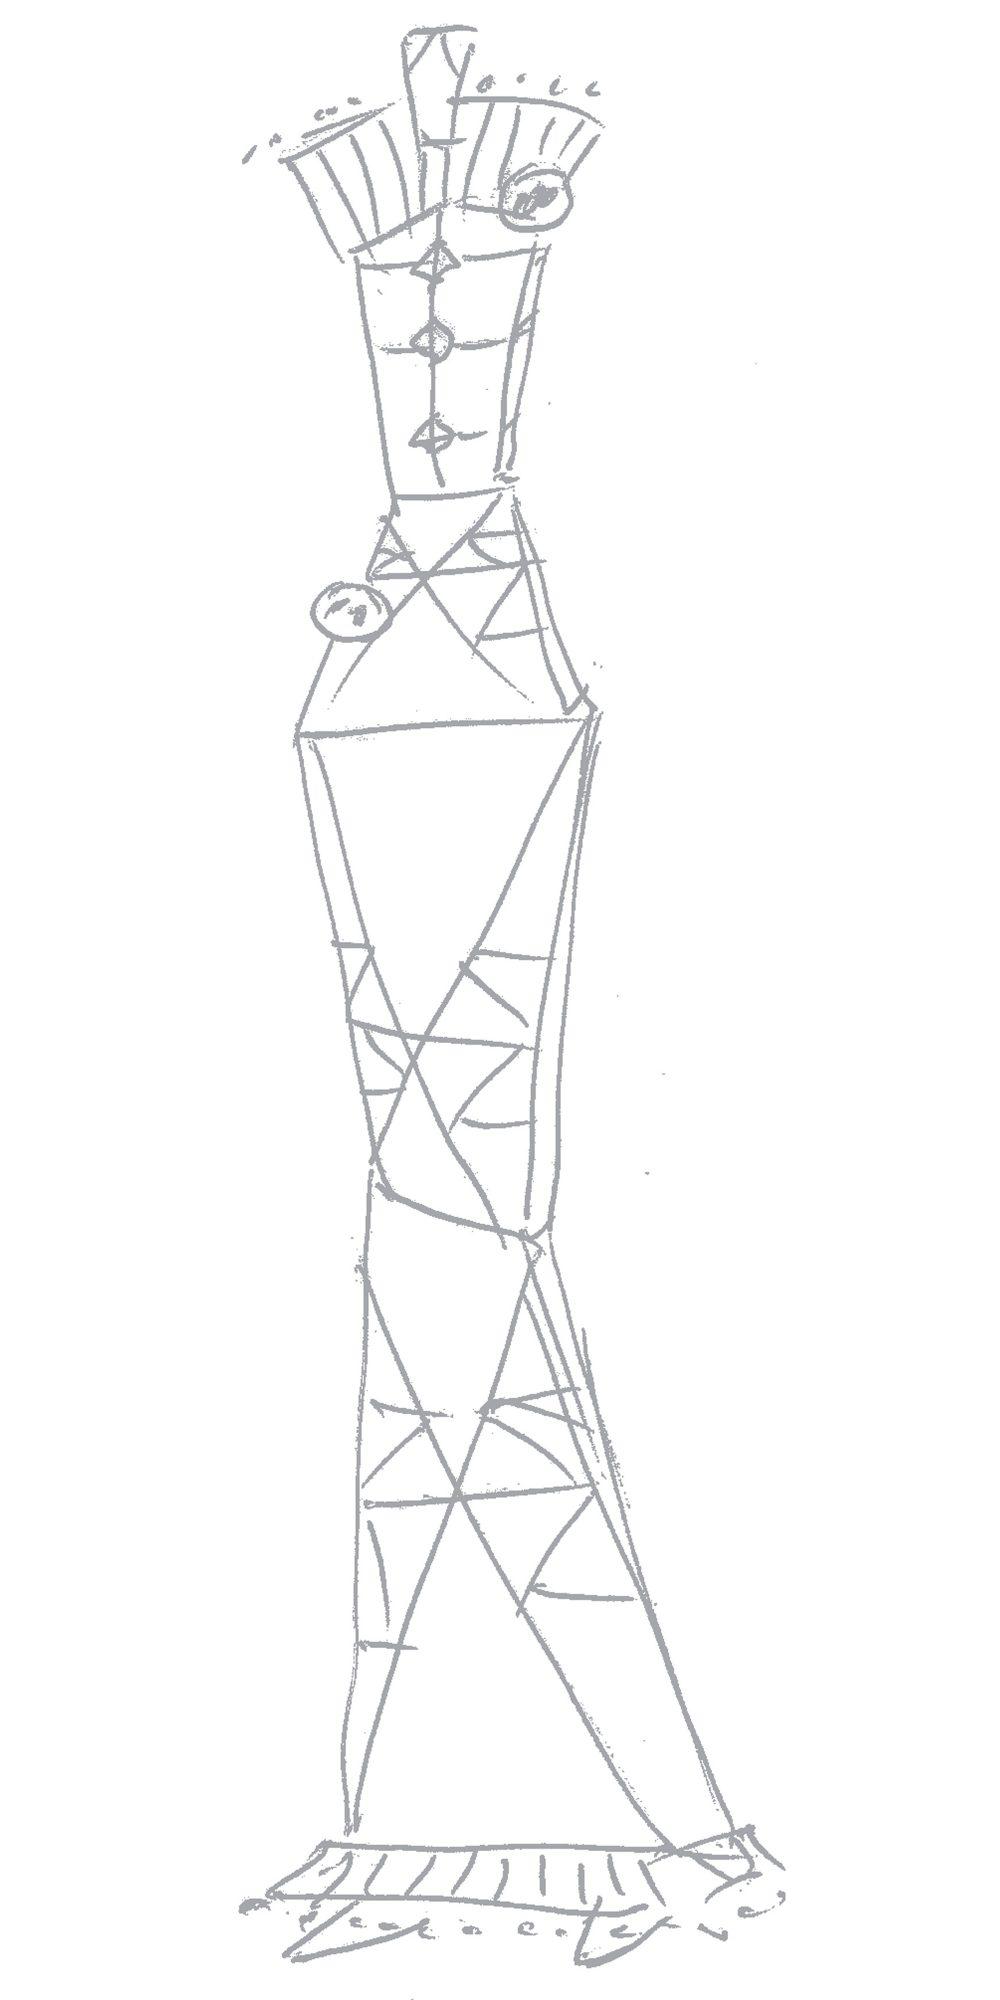 Dea, windmill mast, telecom mast